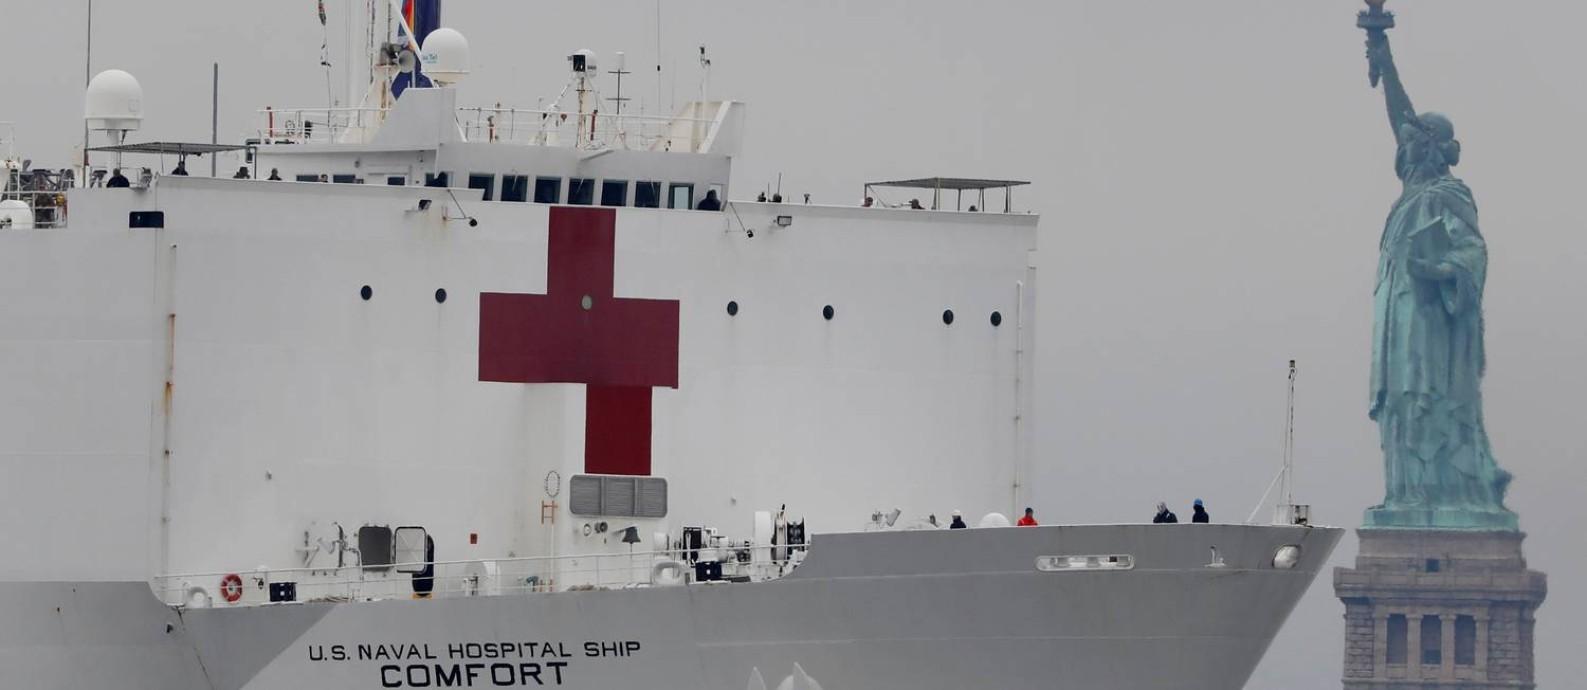 Navio-hospital USNS Comfort chega ao porto de Nova York, onde receberá pacientes que não estão infectados pelo coronavírus para tentar desafogar os hospitais da cidade Foto: ANDREW KELLY / REUTERS